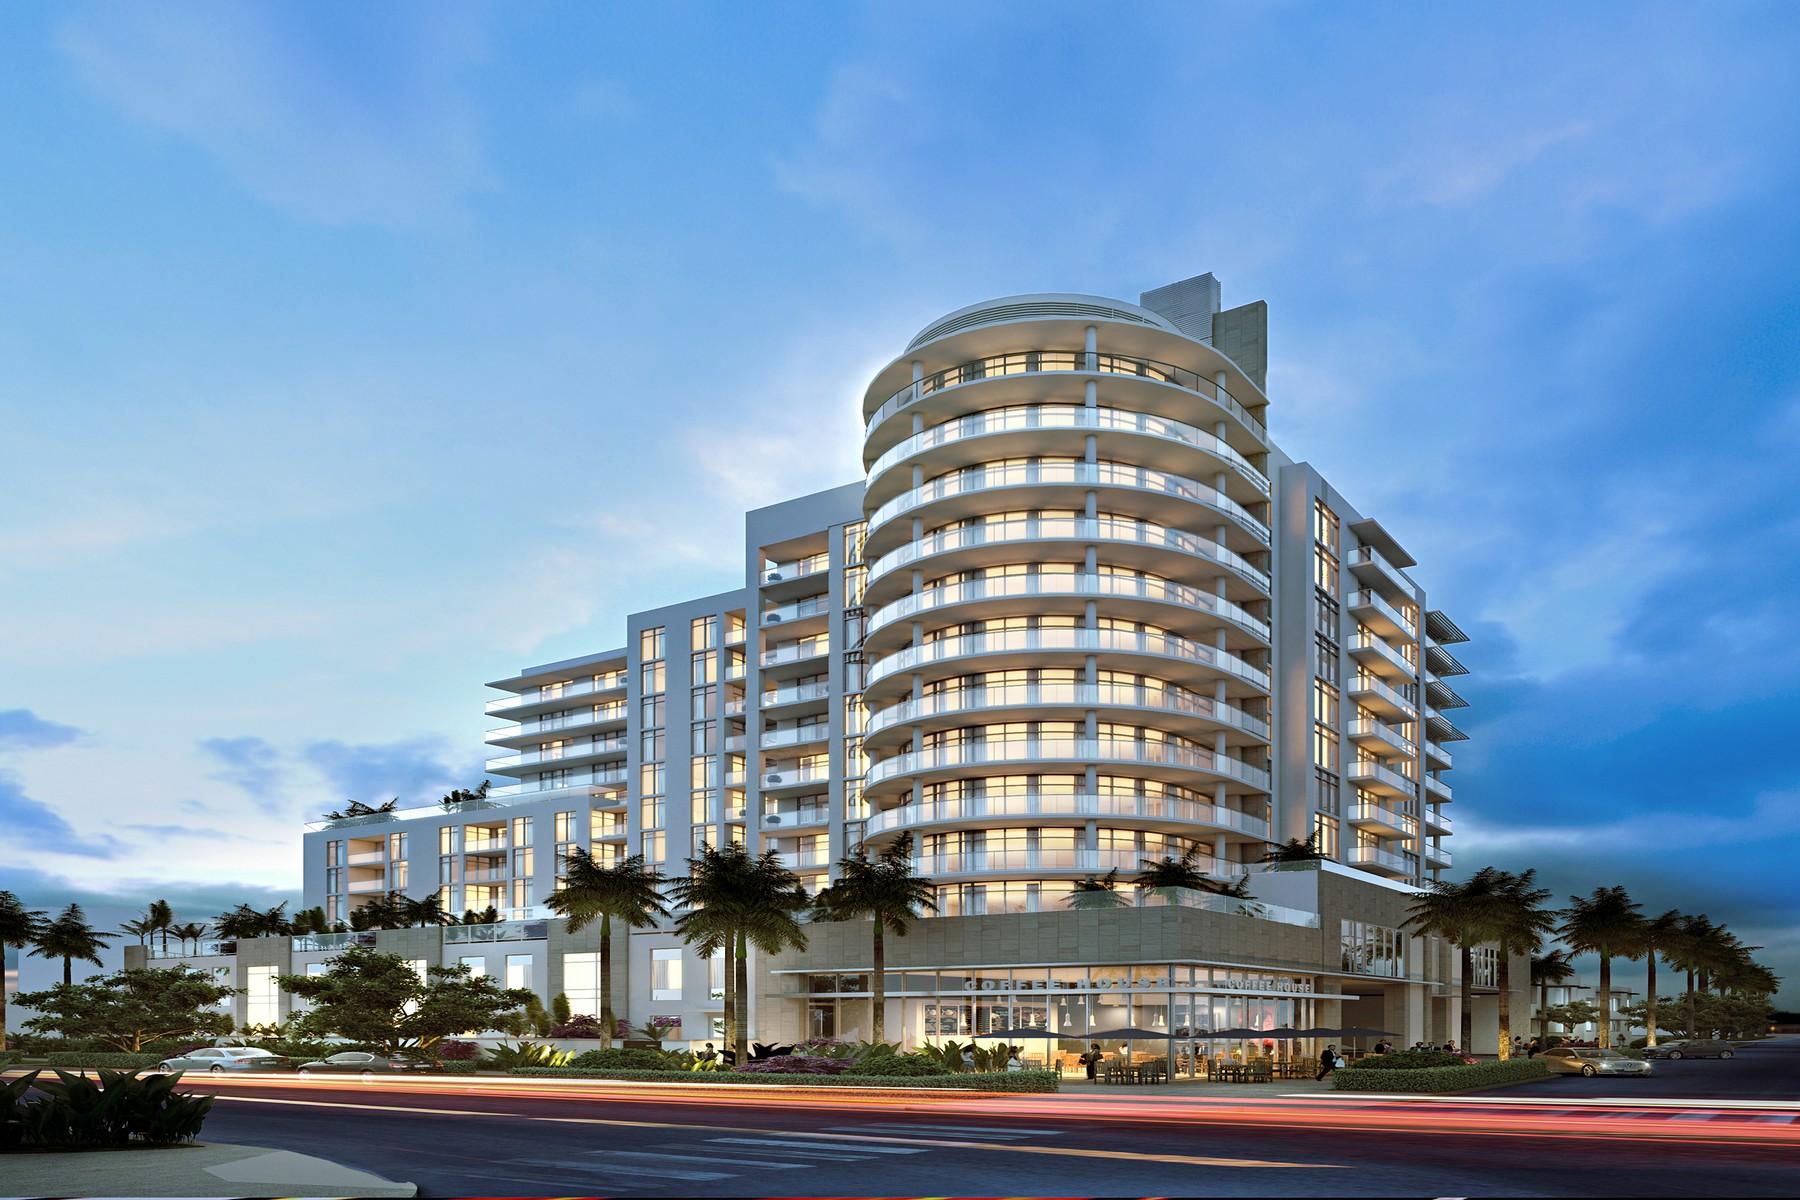 Apartamento para Venda às Gale Residences 2434 E Las Olas Blvd #700 Fort Lauderdale, Florida 33304 Estados Unidos